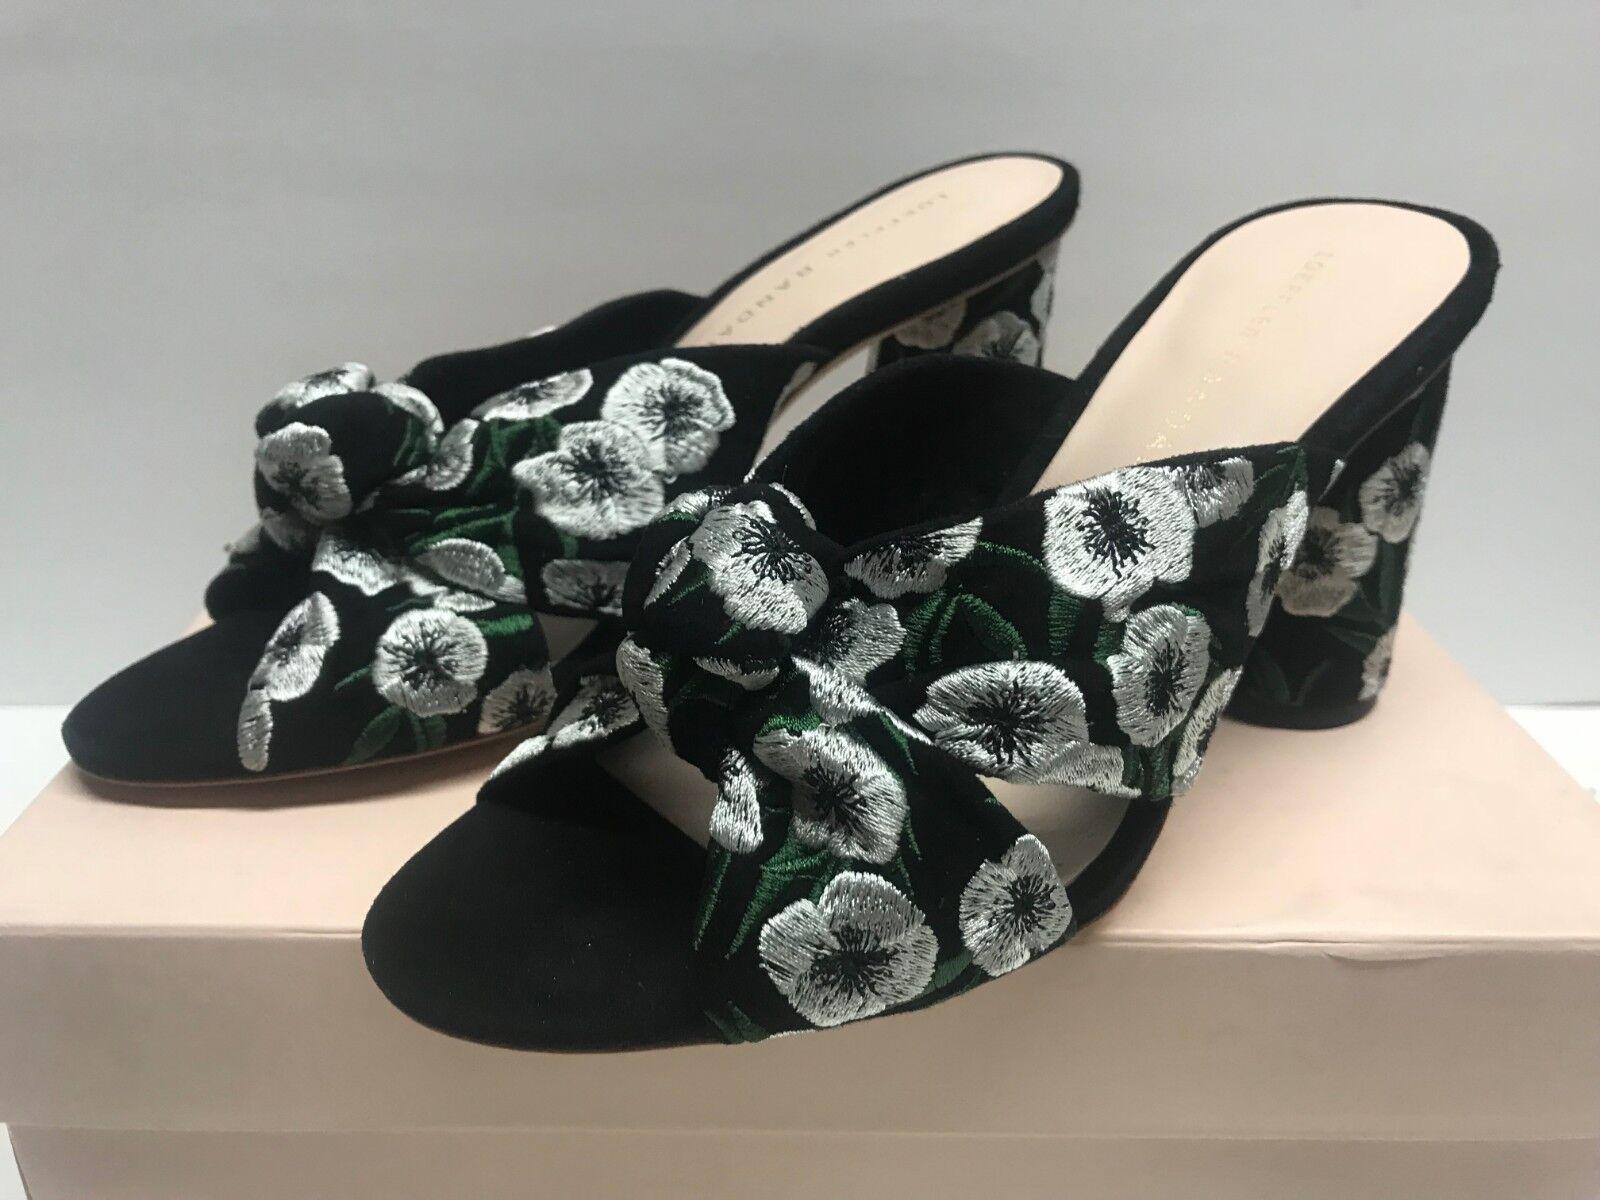 vendita di offerte Loeffler Randall Donna  6.5 Coco Coco Coco High Heel Knot Slide Heeled Sandal nero verde  Sconto del 70%